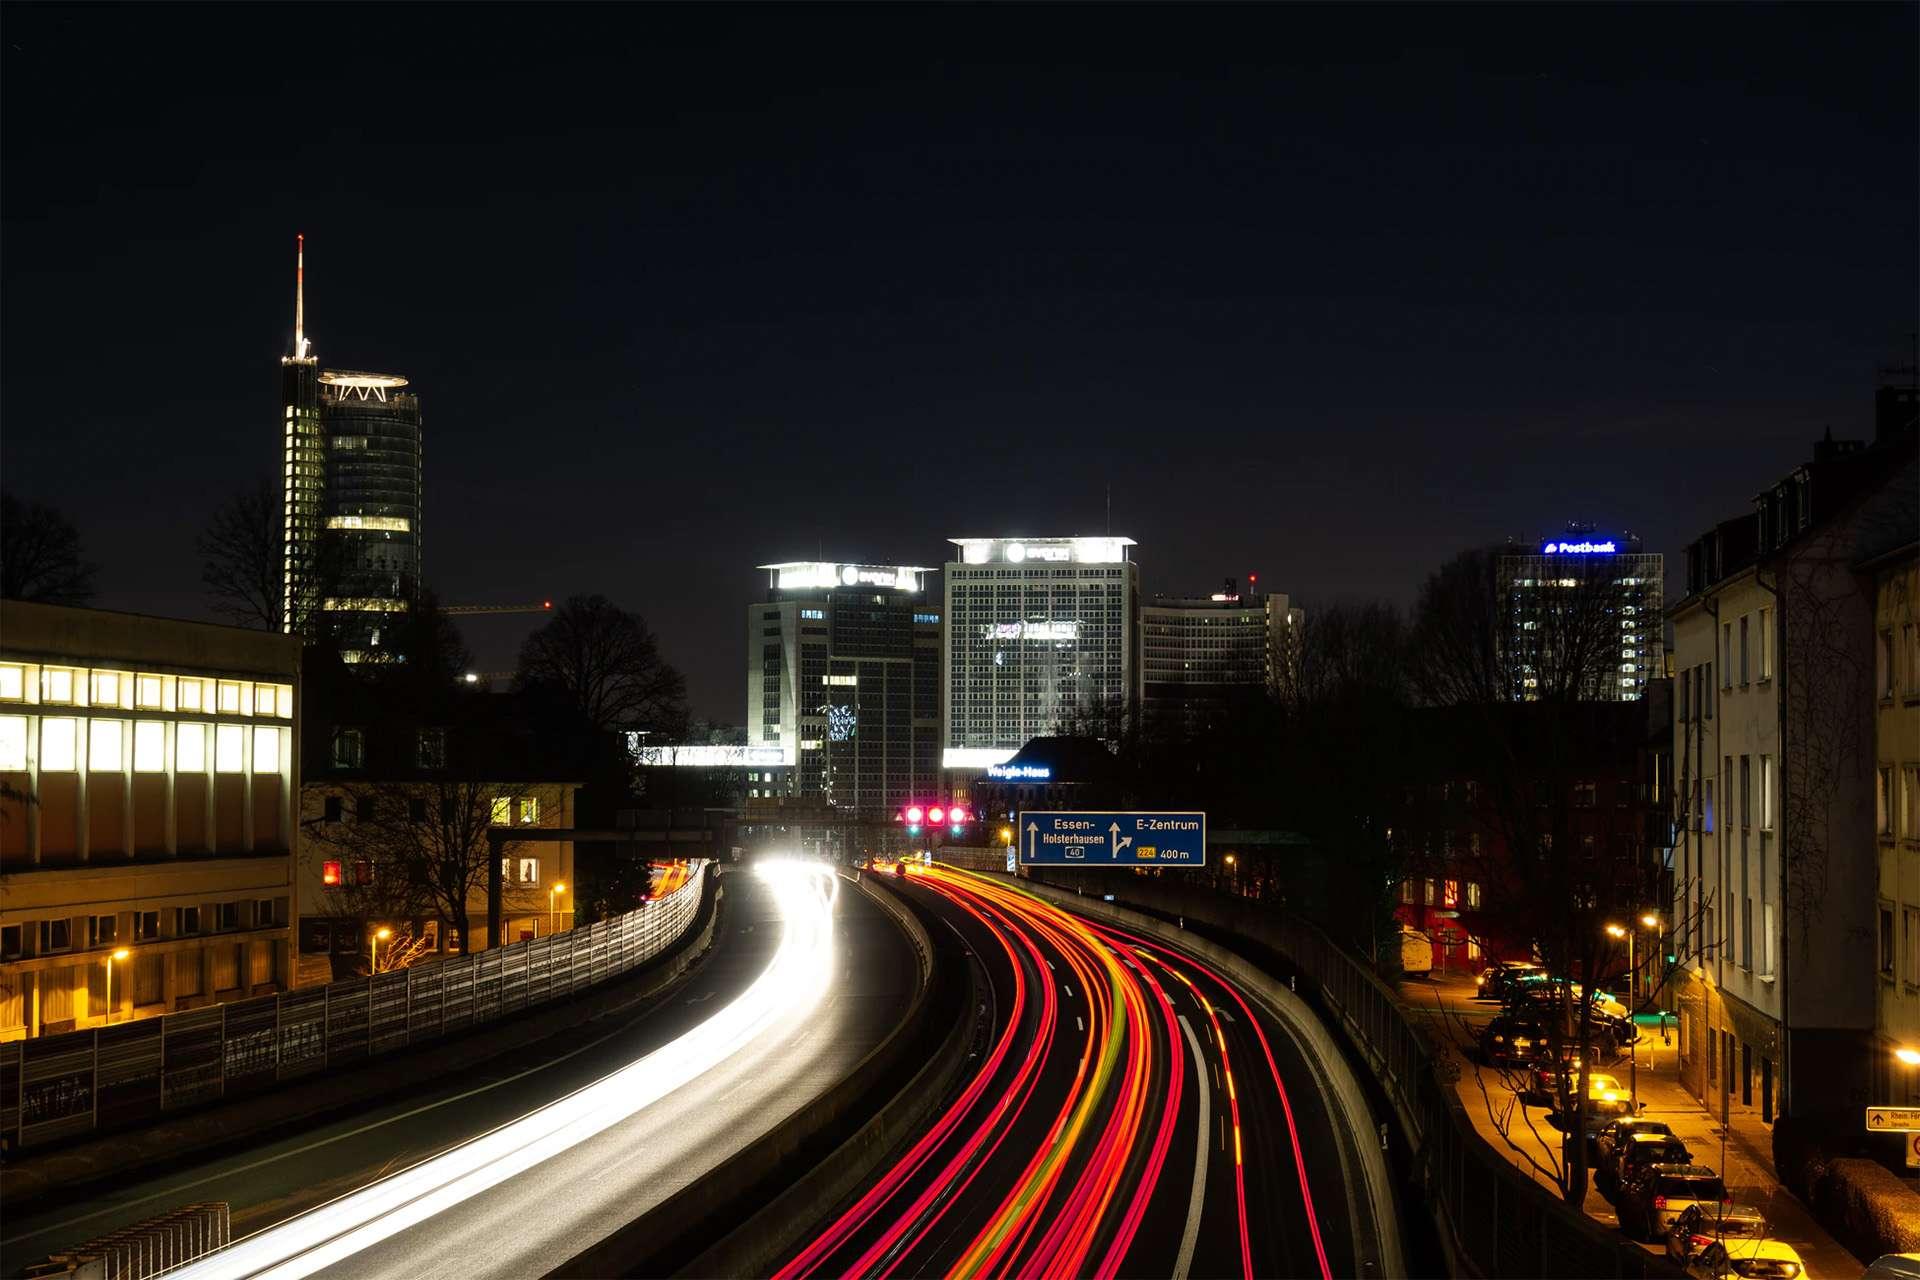 Ein Bild der A40 in Essen bei Nacht.